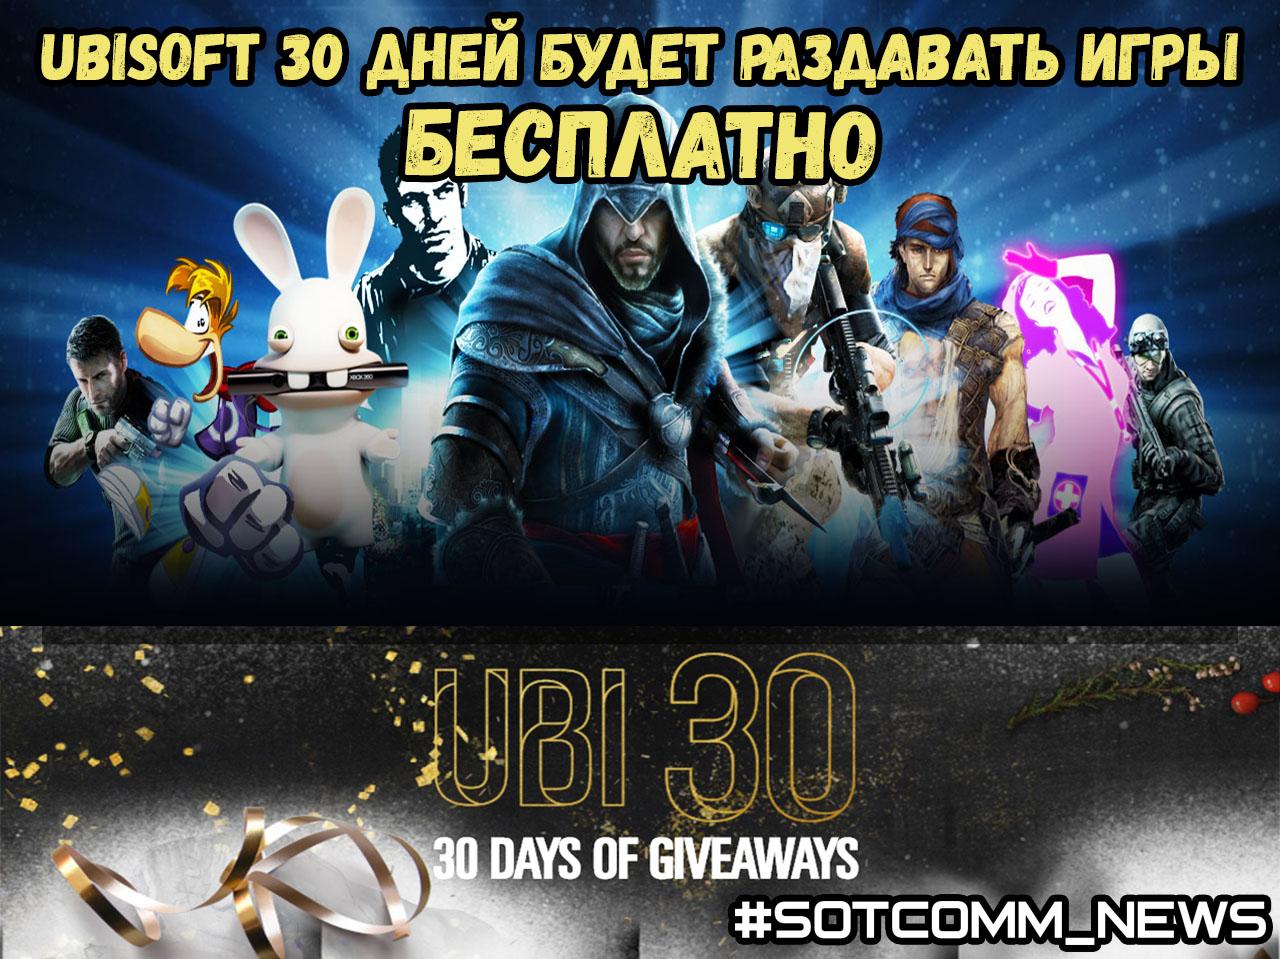 Ubisoft 30 дней будет раздавать свои игры бесплатно